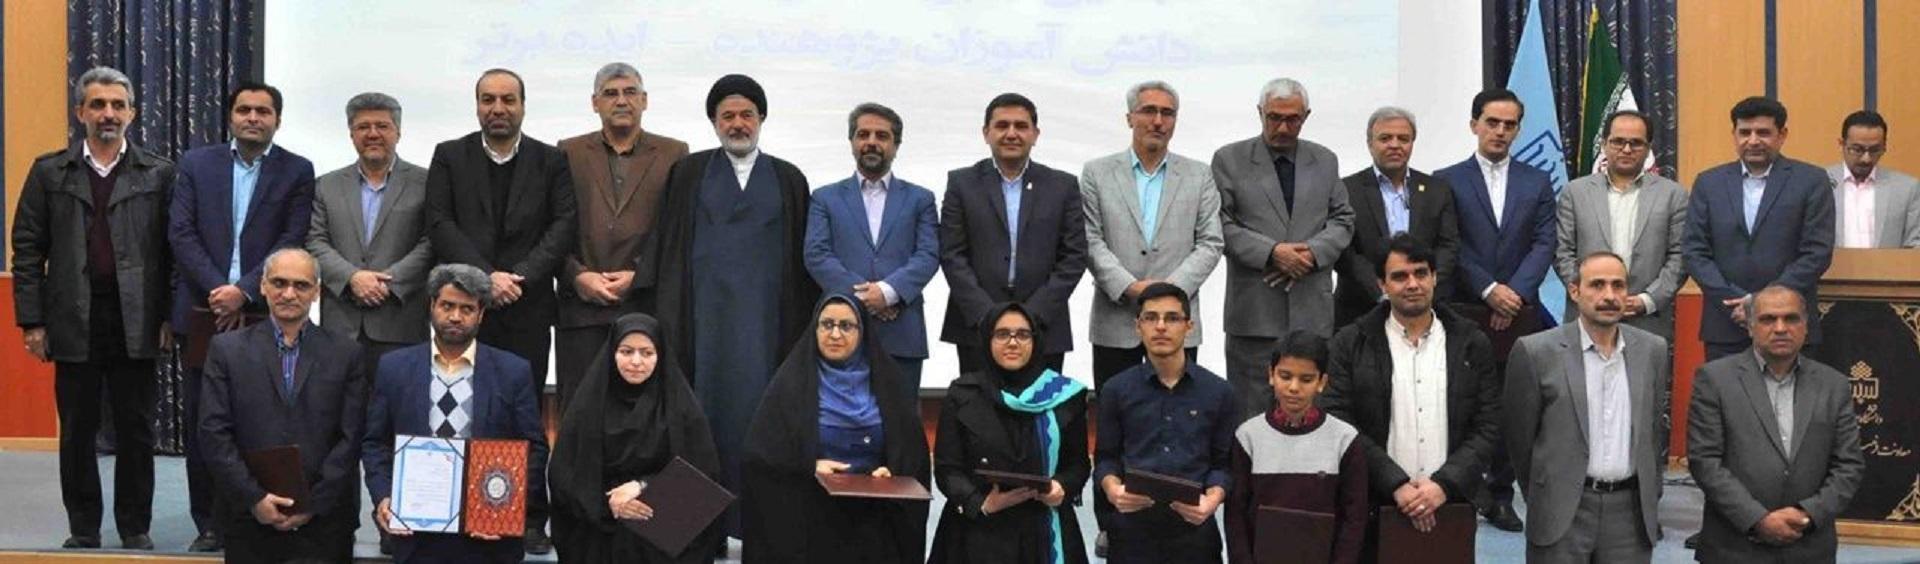 فناور برتر مرکز رشد در آیین بزرگداشت و تجلیل از برگزیدگان و فناوران استان